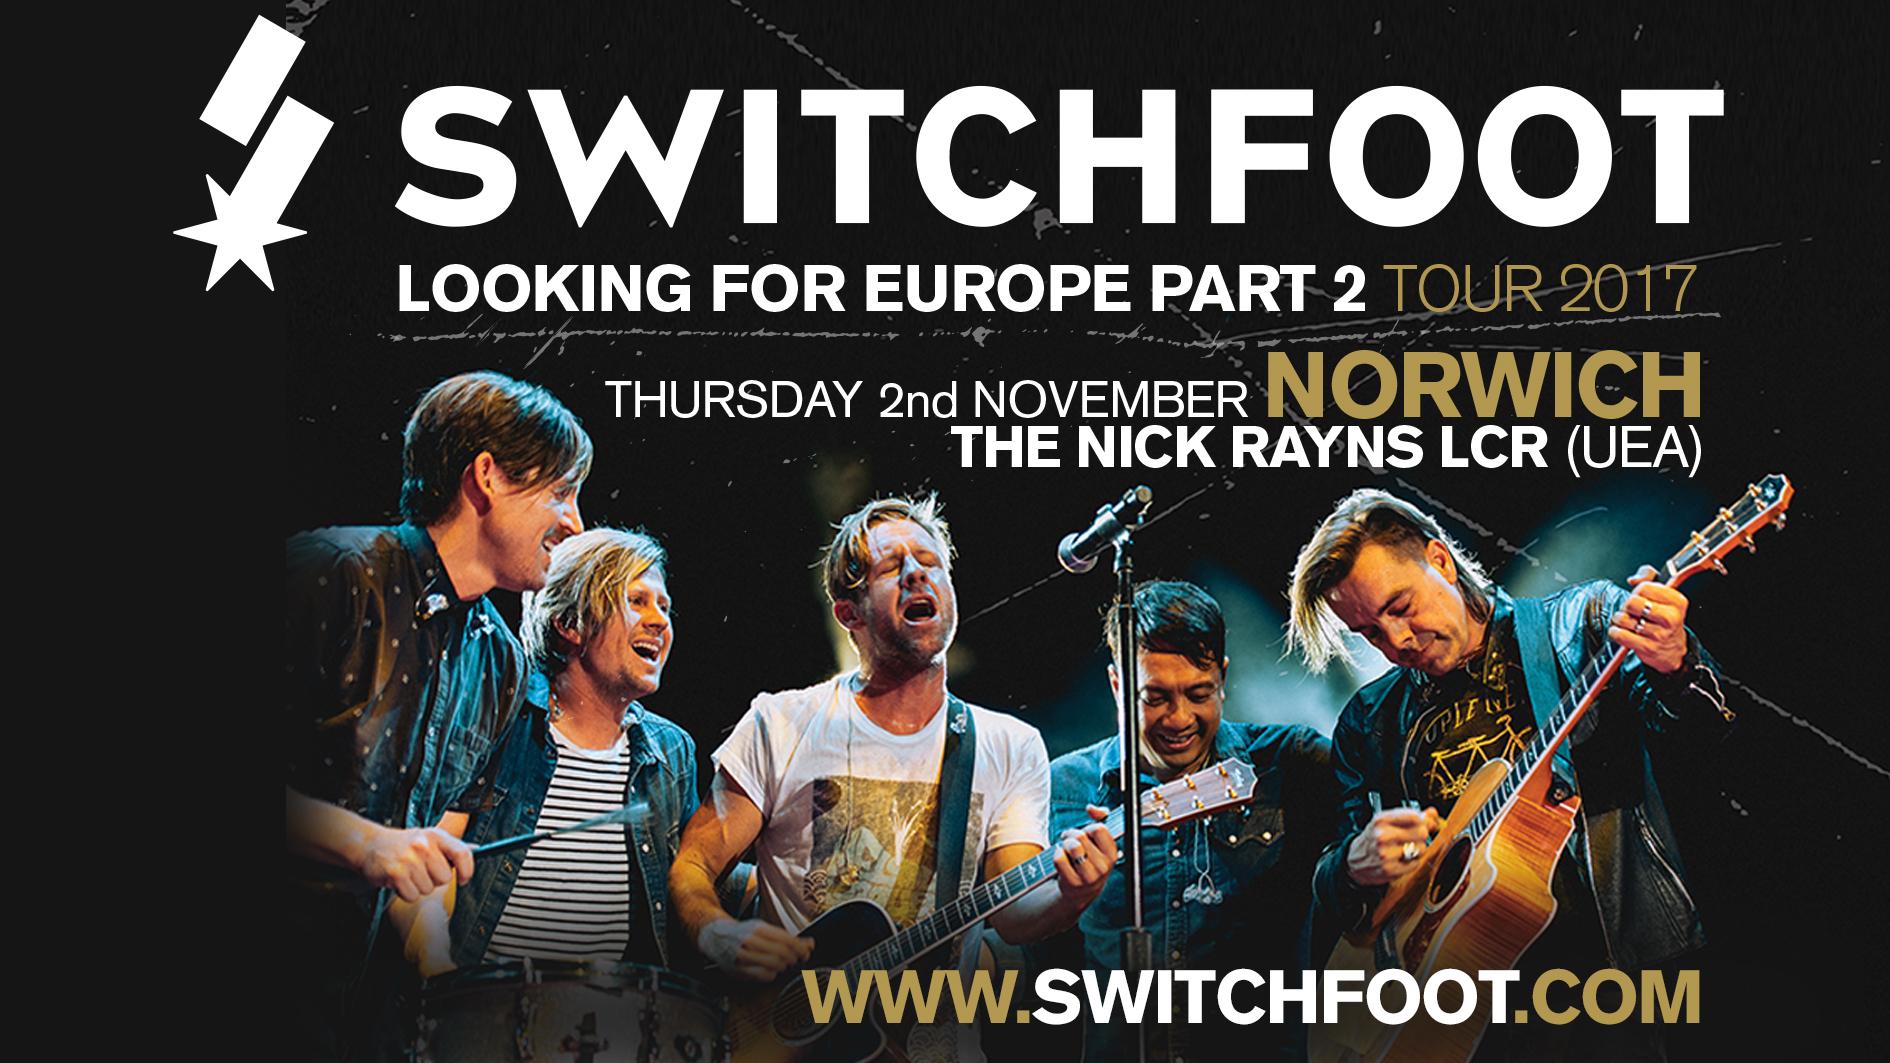 Switchfoot 16x9 Slide NORWICH.jpg